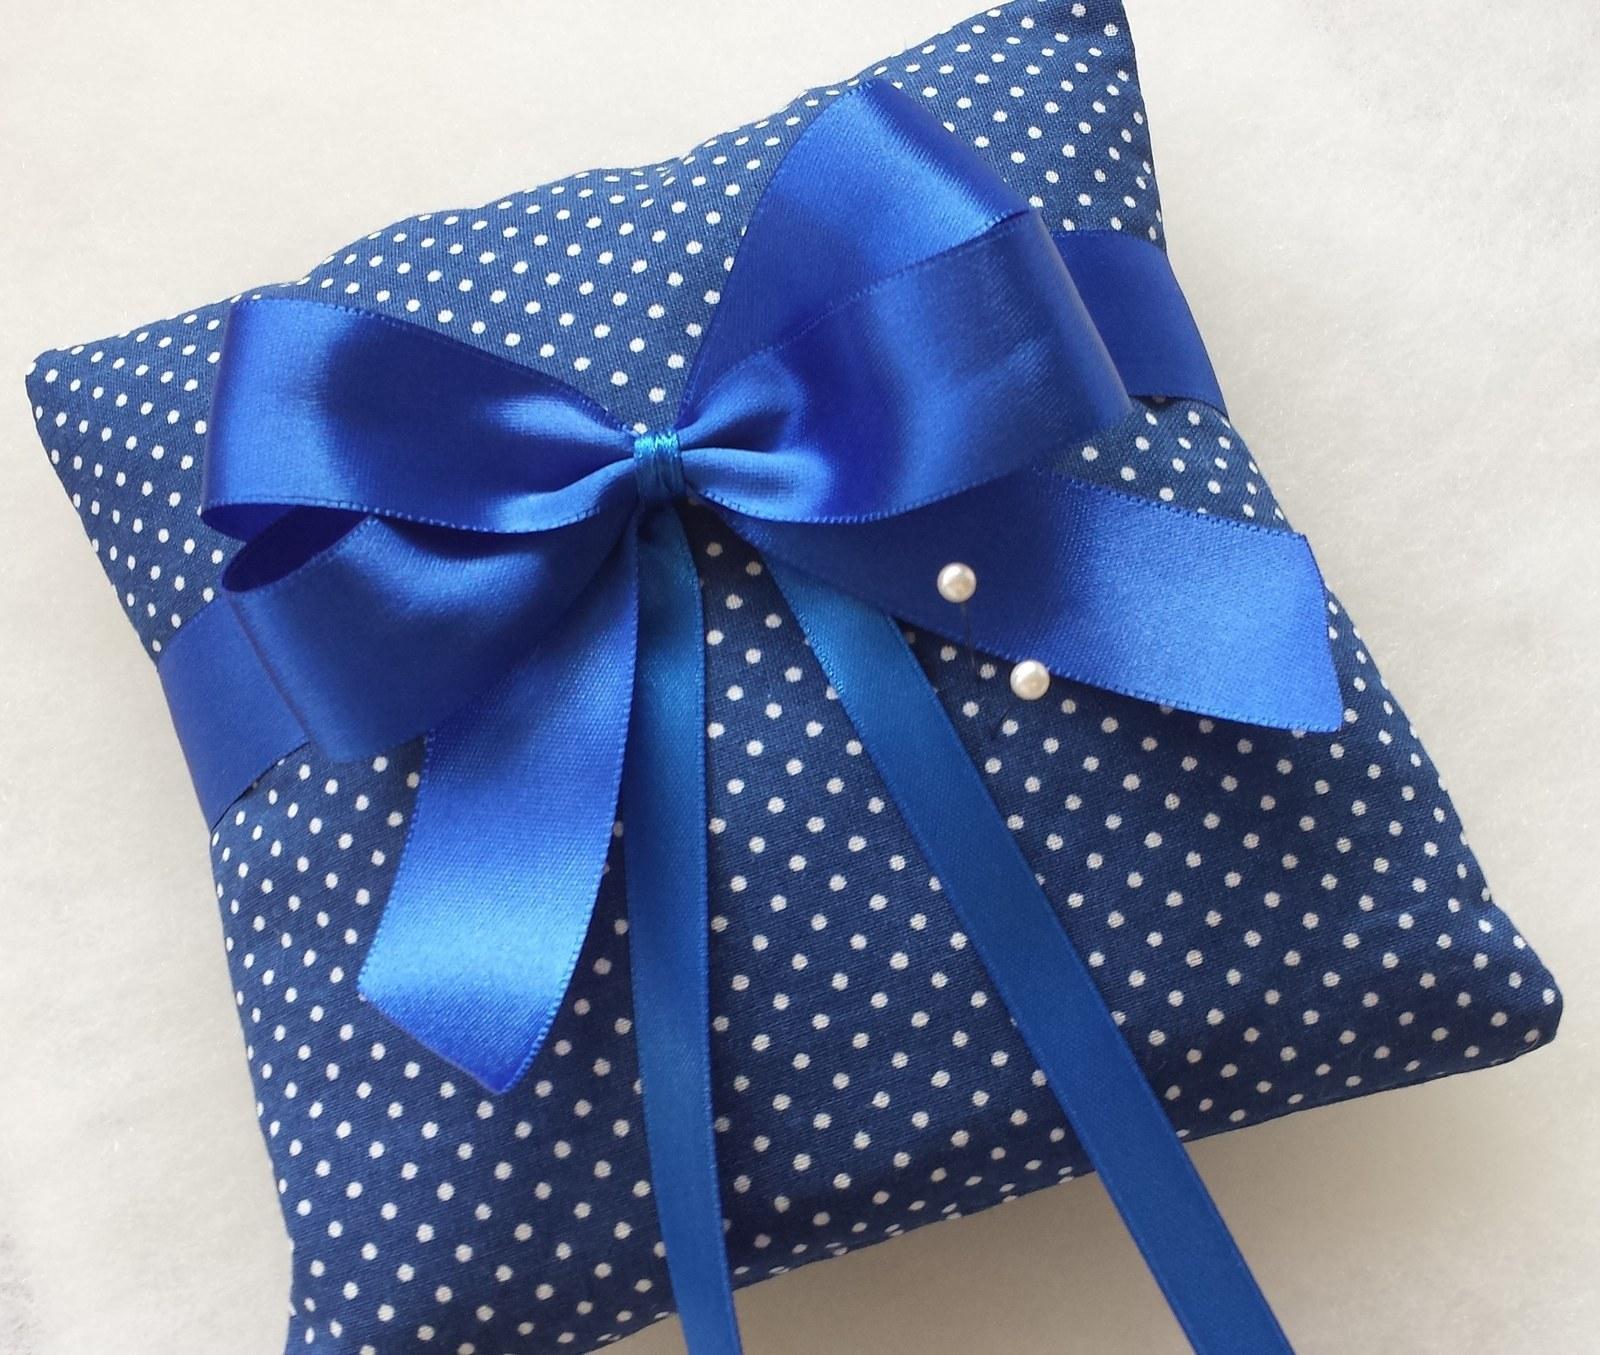 Bílý polštářek pod prstýnky s modrou mašličkou - Obrázek č. 3